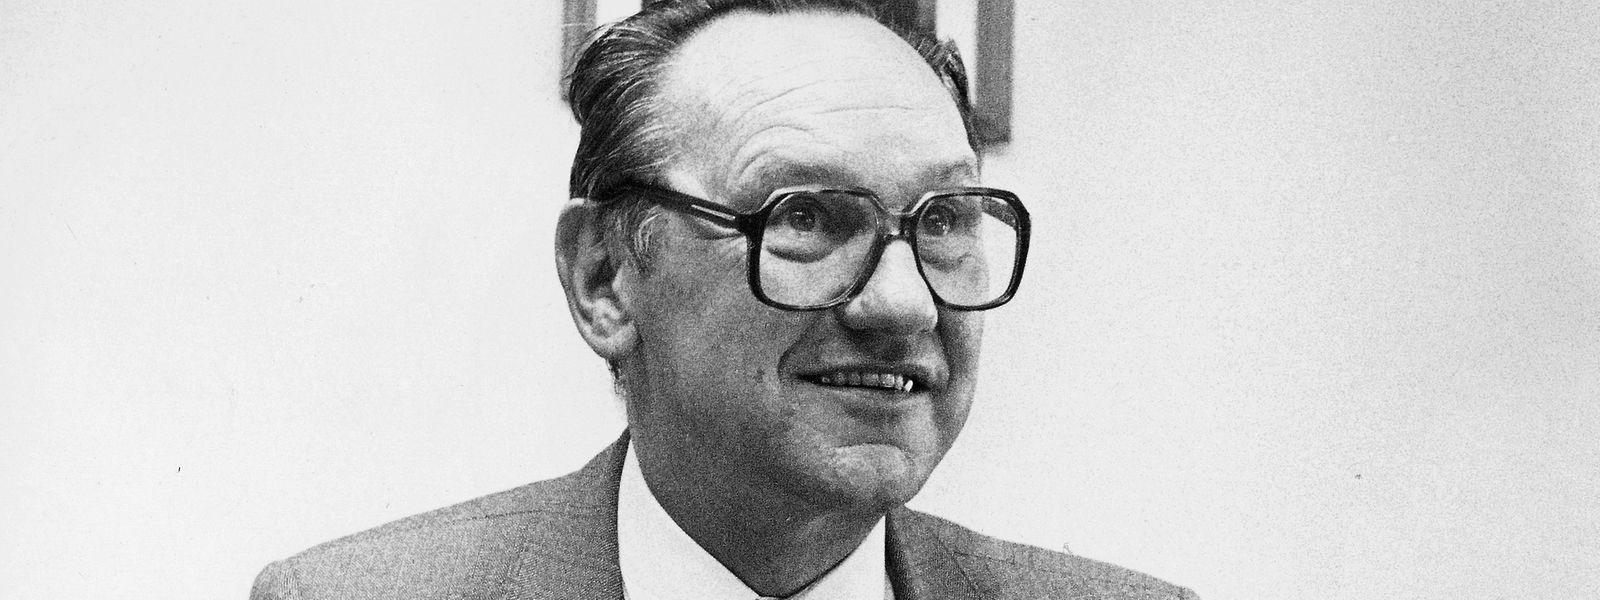 Der CSV-Politiker verstarb am Sonntag im Alter von 89 Jahren.